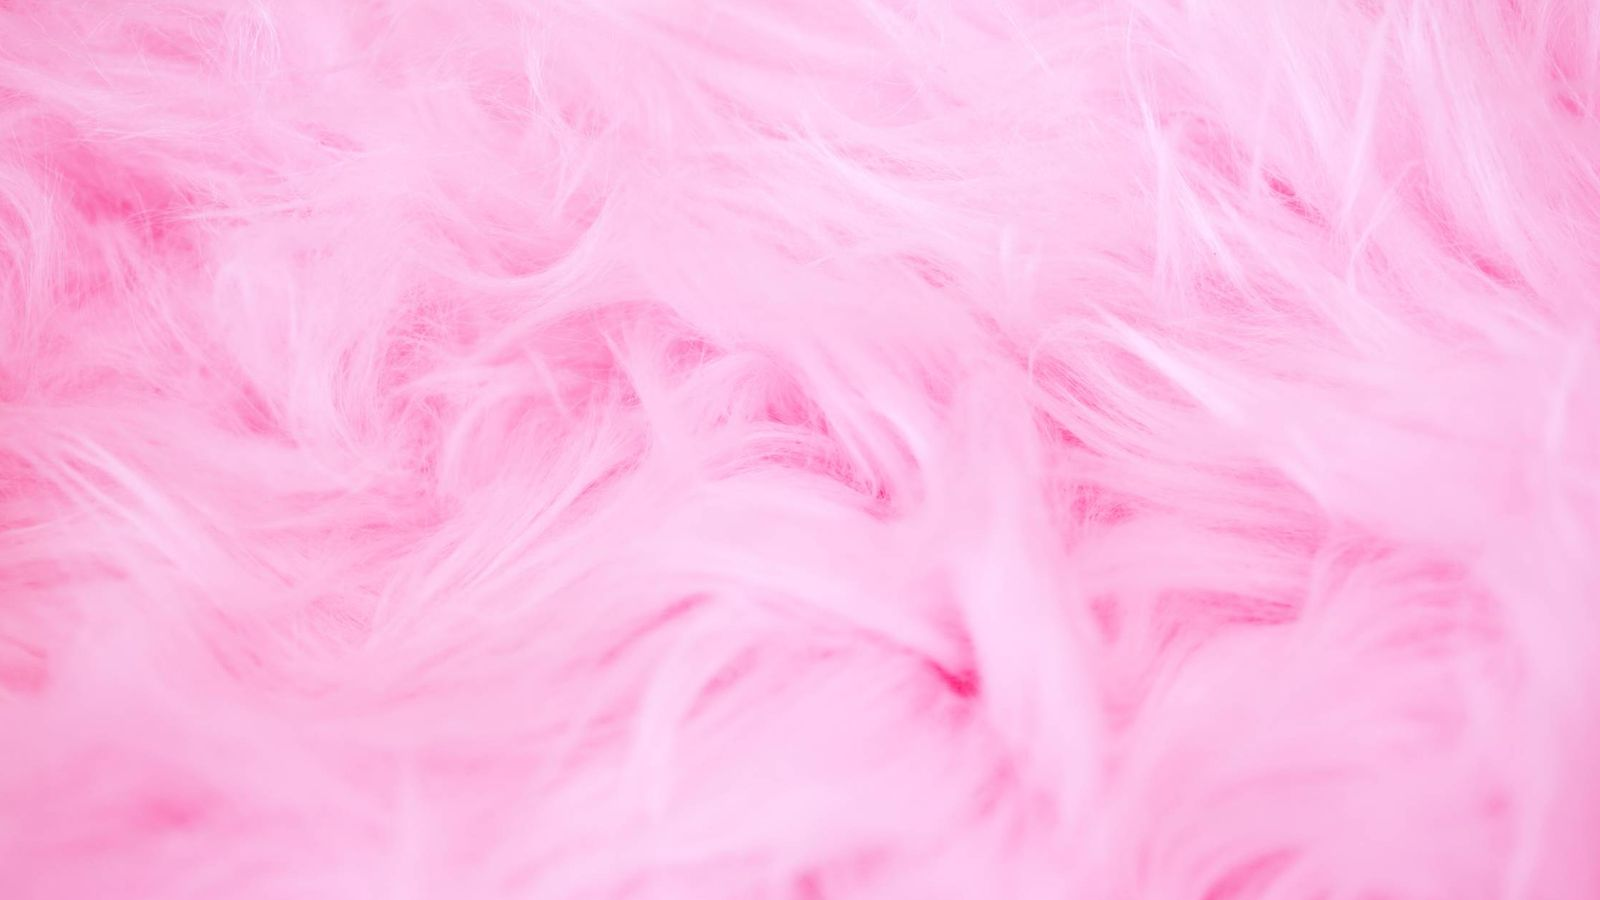 Foto: El colágeno ahora te hará ver la vida de color rosa. (Unsplash)